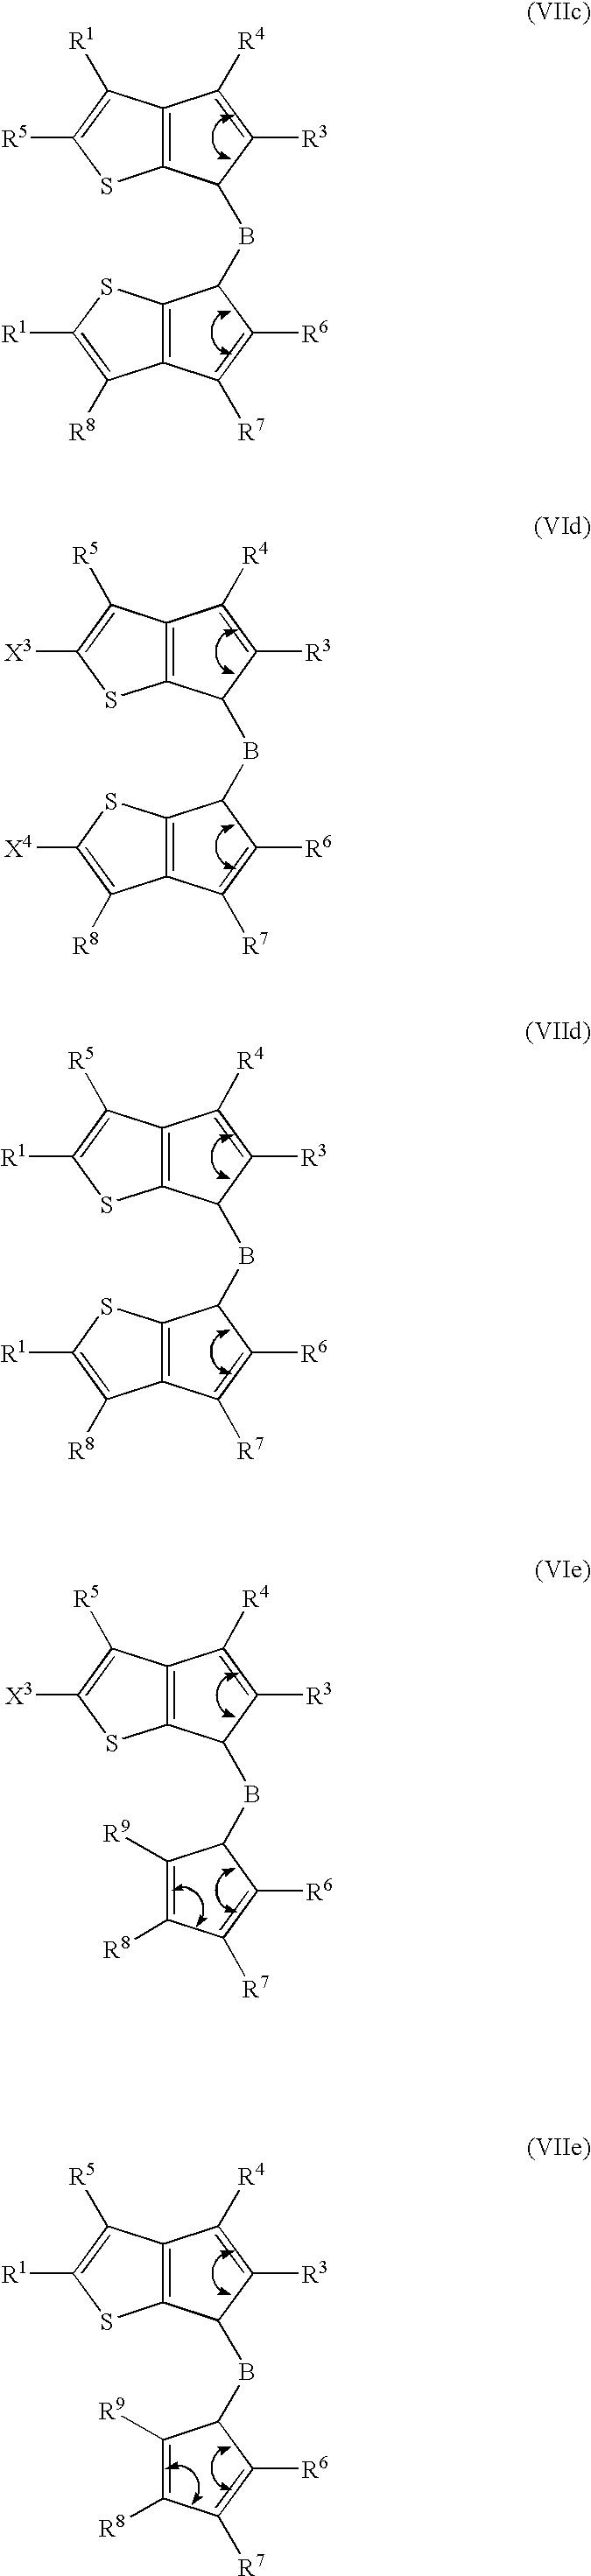 Figure US07910783-20110322-C00137